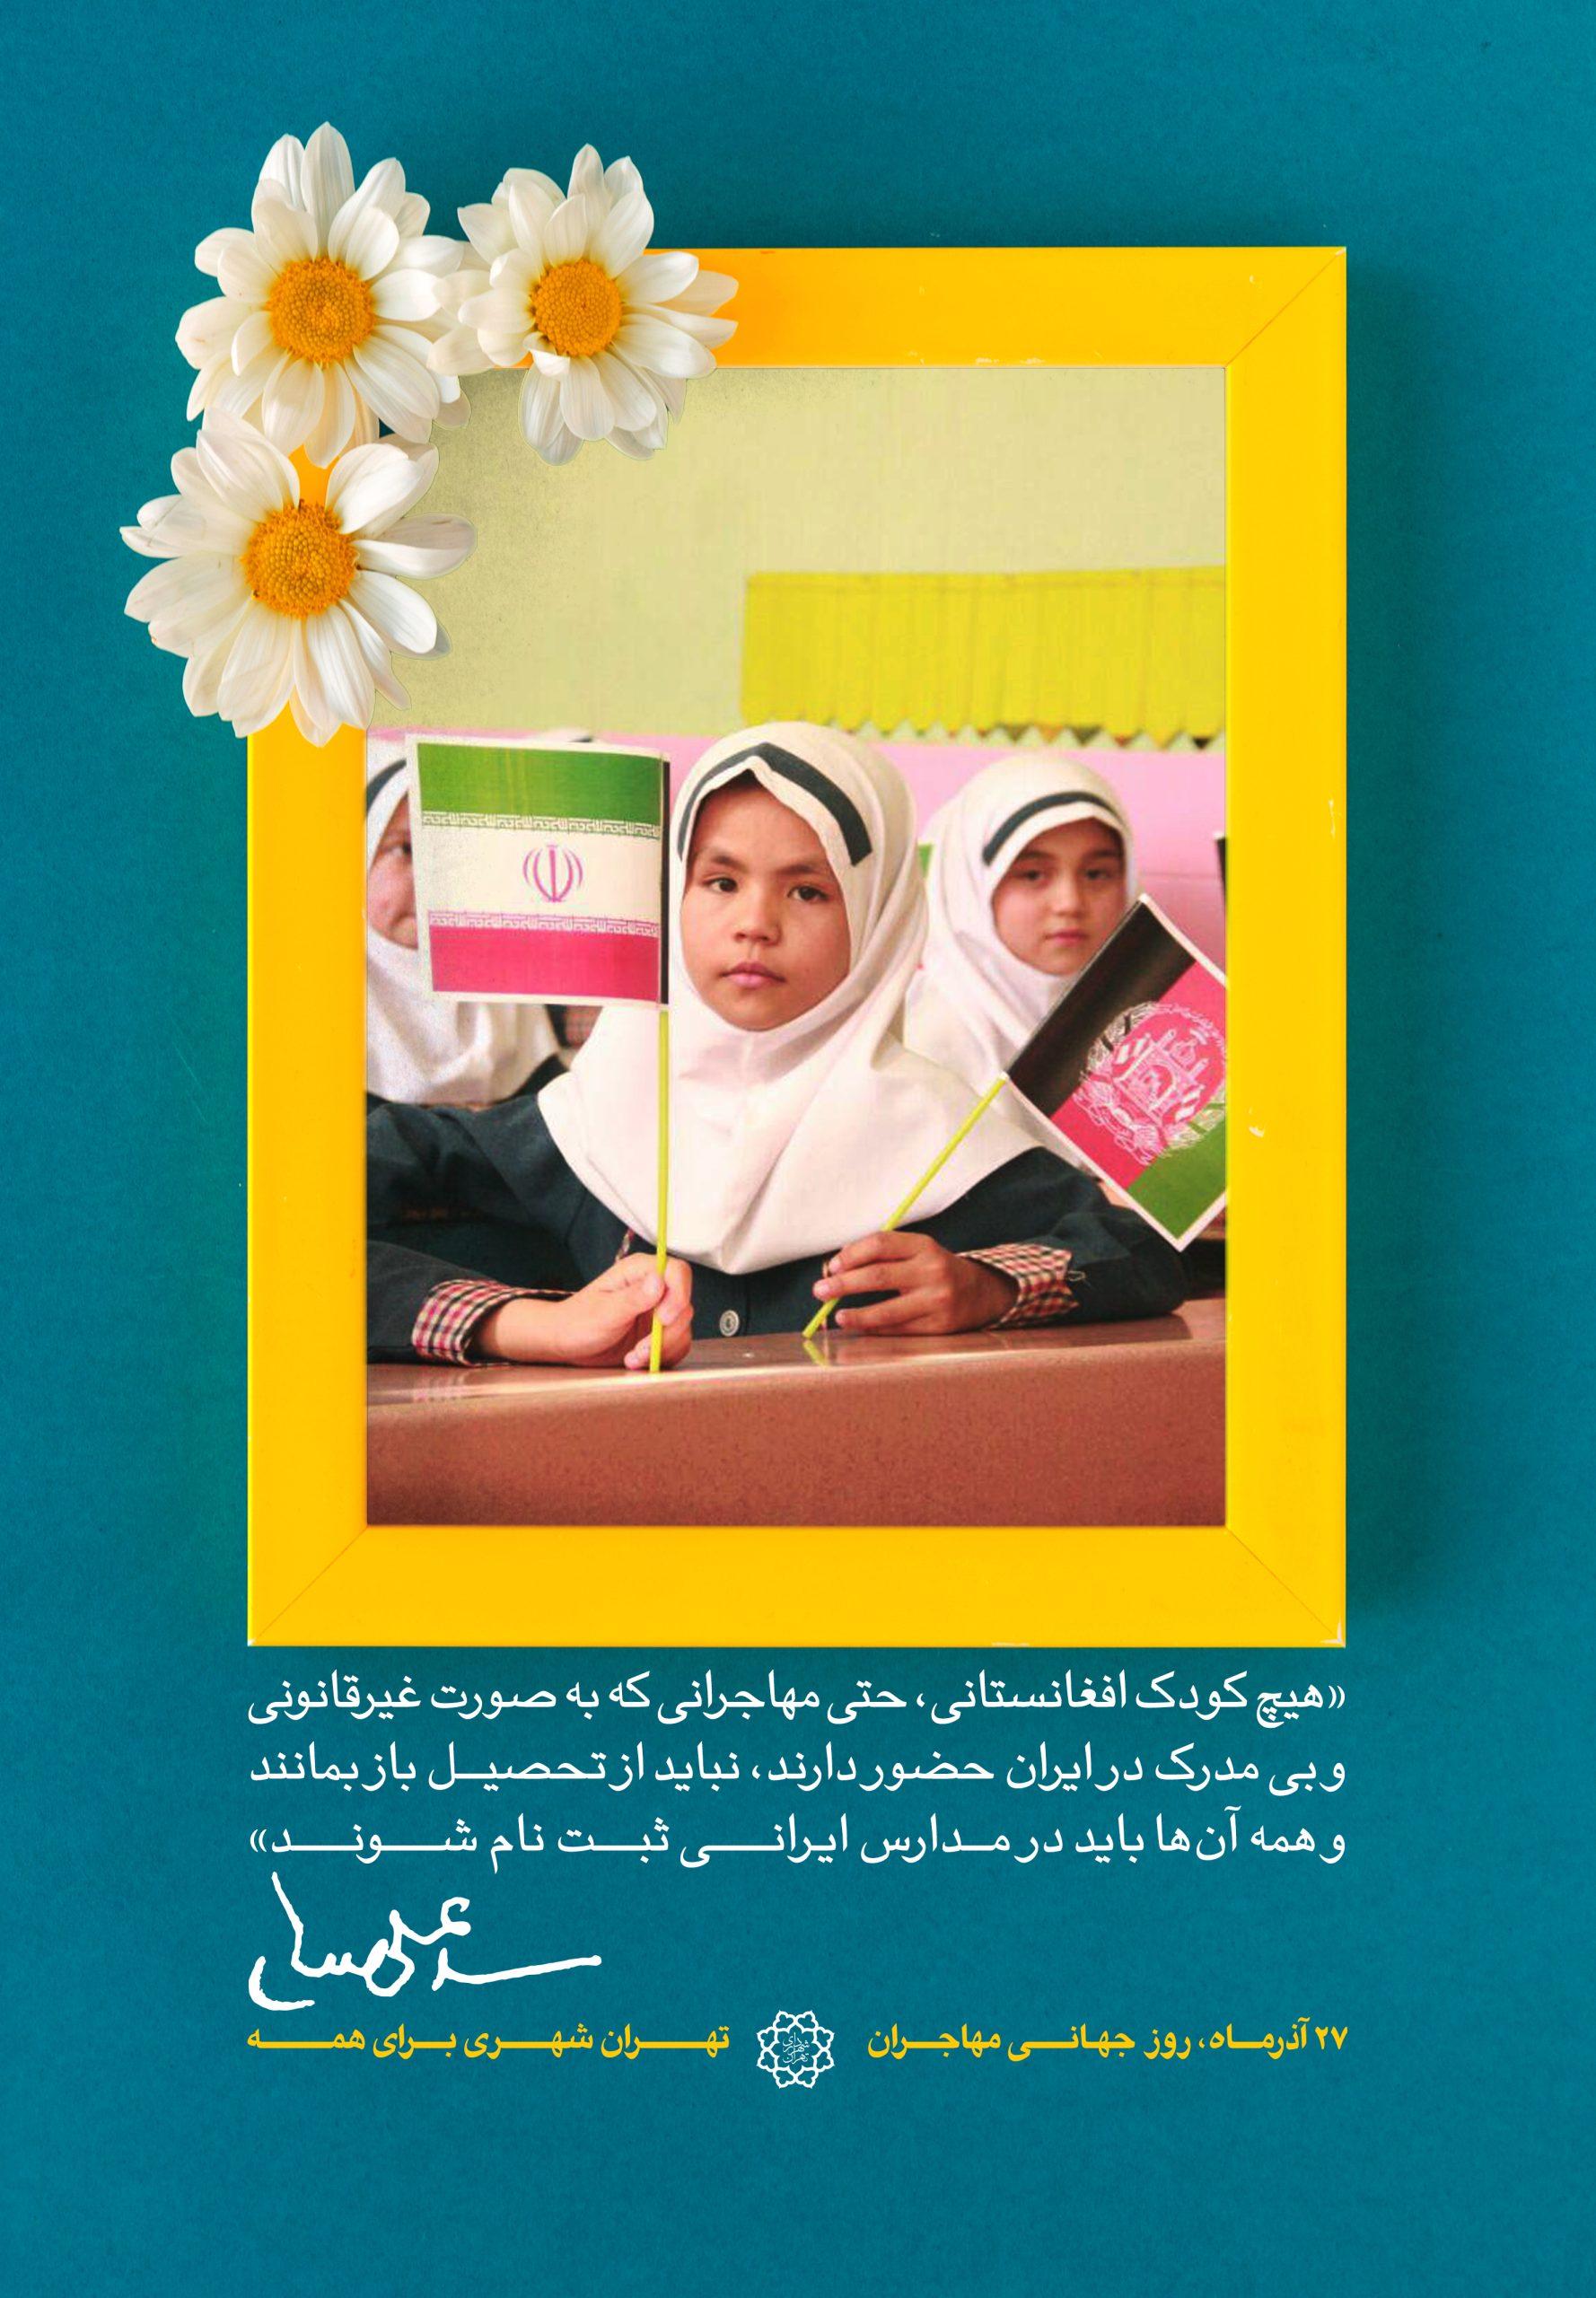 بیلبوردهای روز جهانی مهاجران در تهران